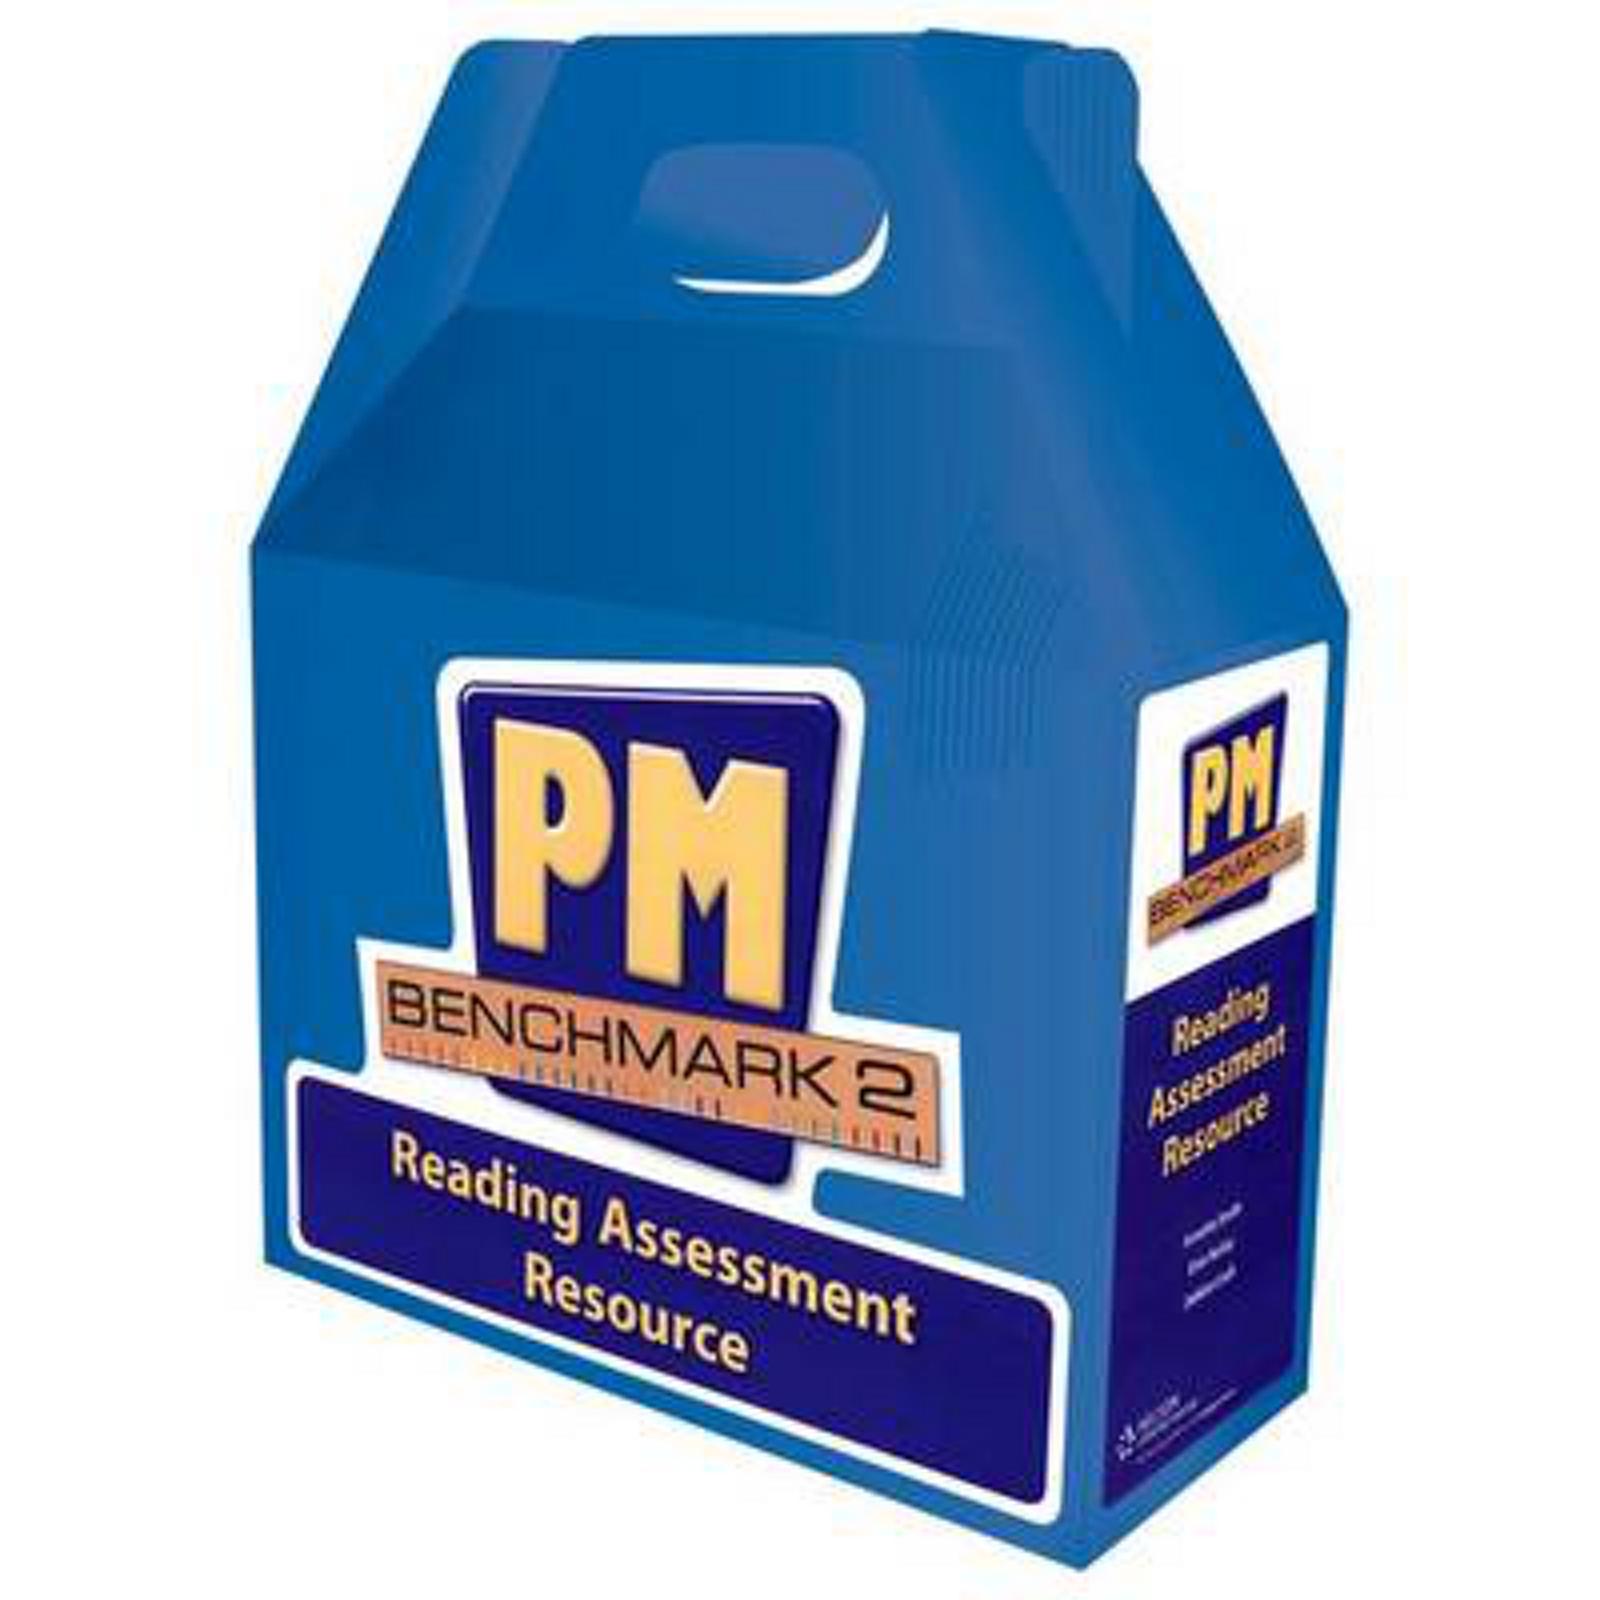 PM Benchmark Kit 2